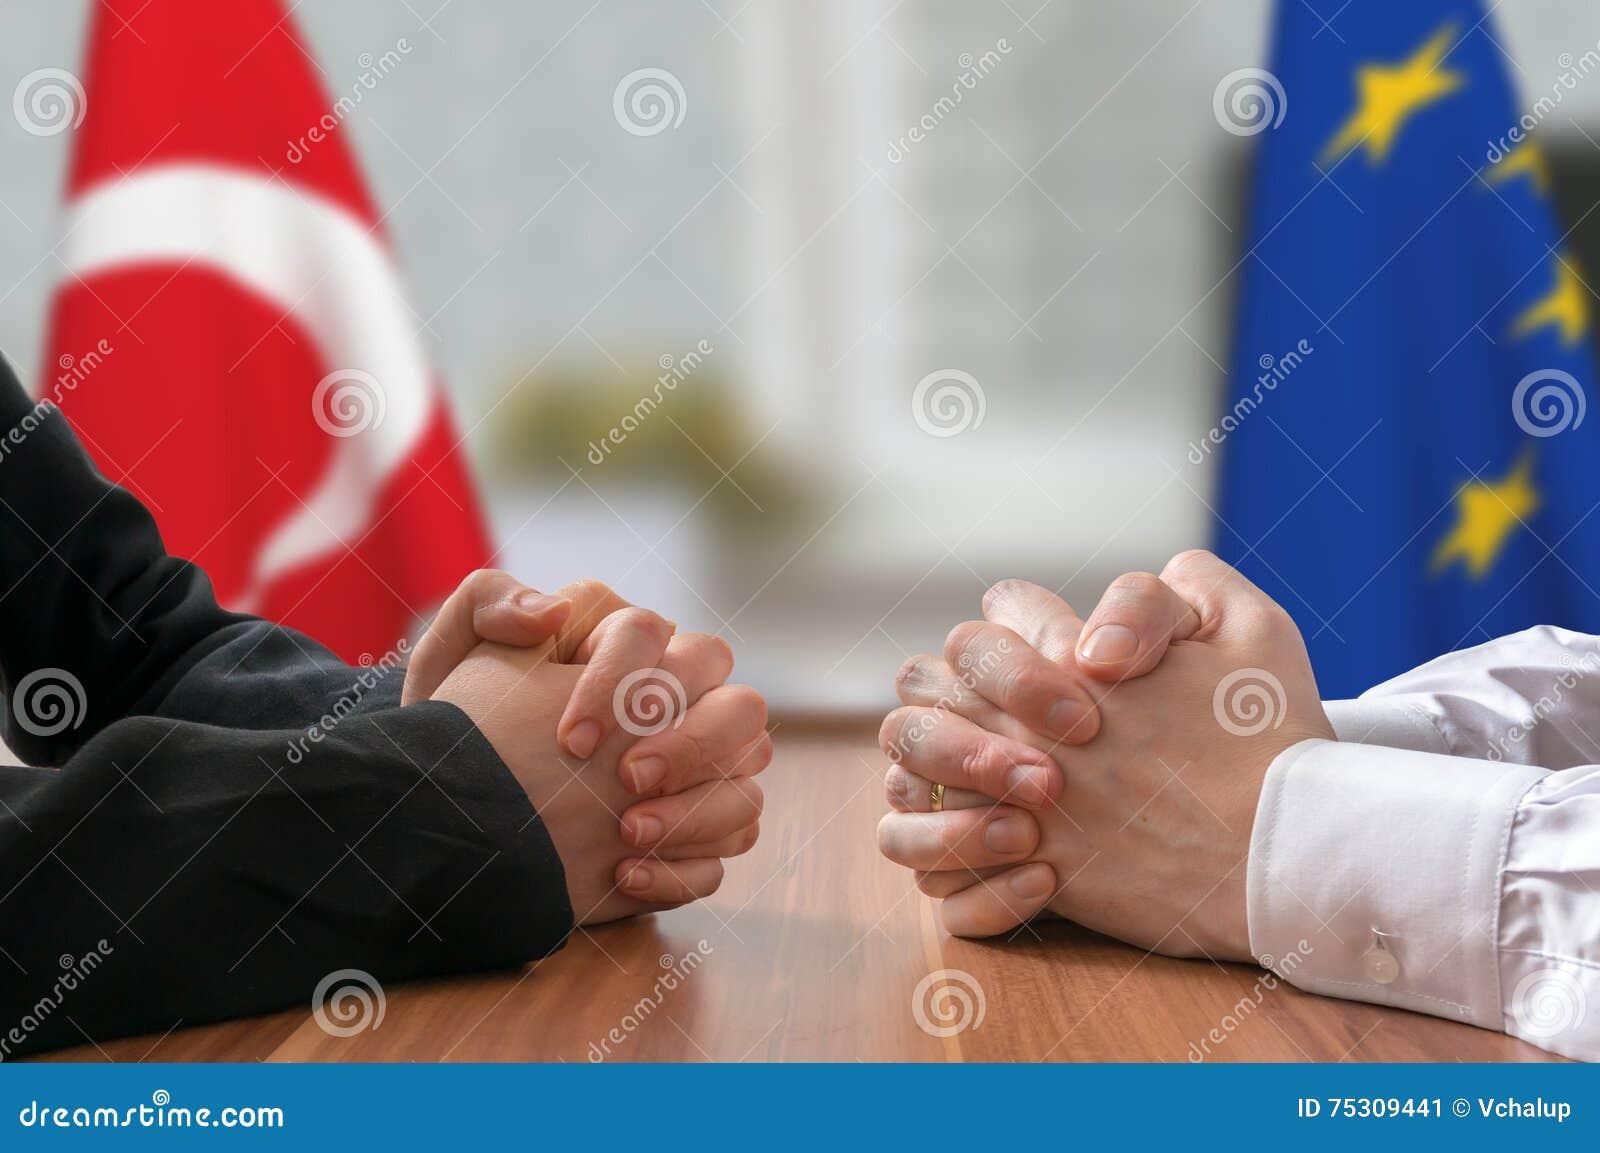 Переговоры Турции и Европейского союза Государственный деятель или политики